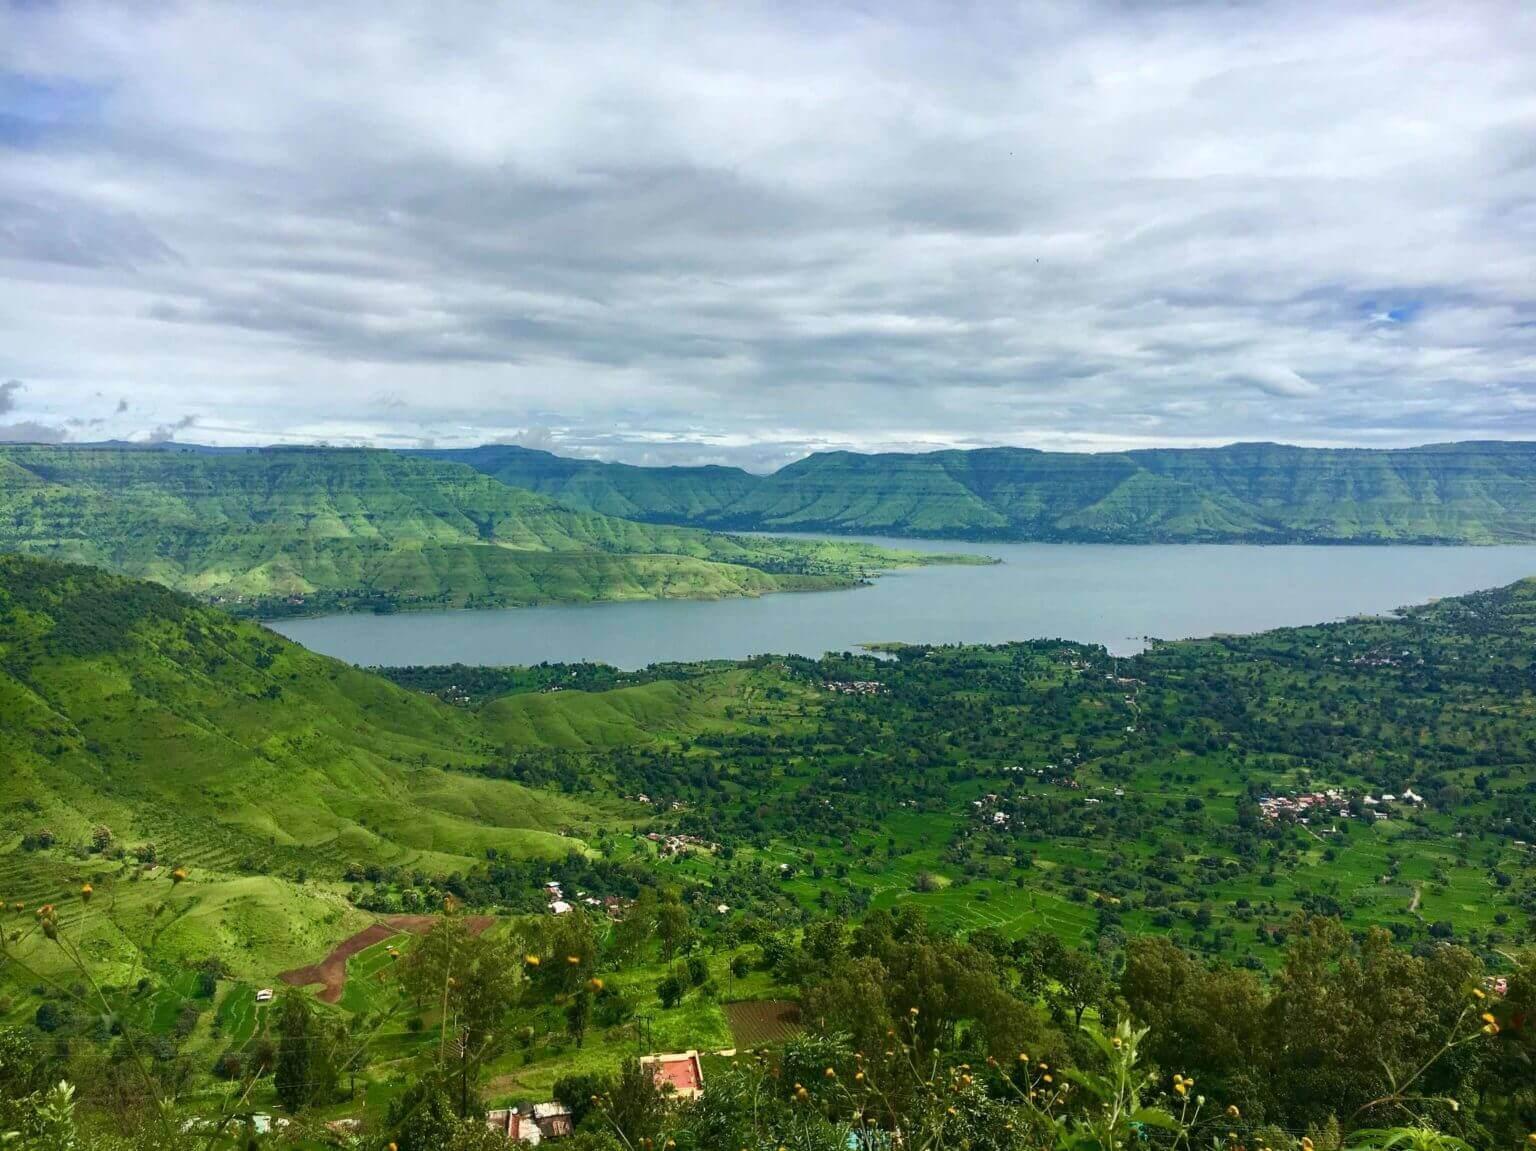 A lake view of Mahabaleshwar Hill-station